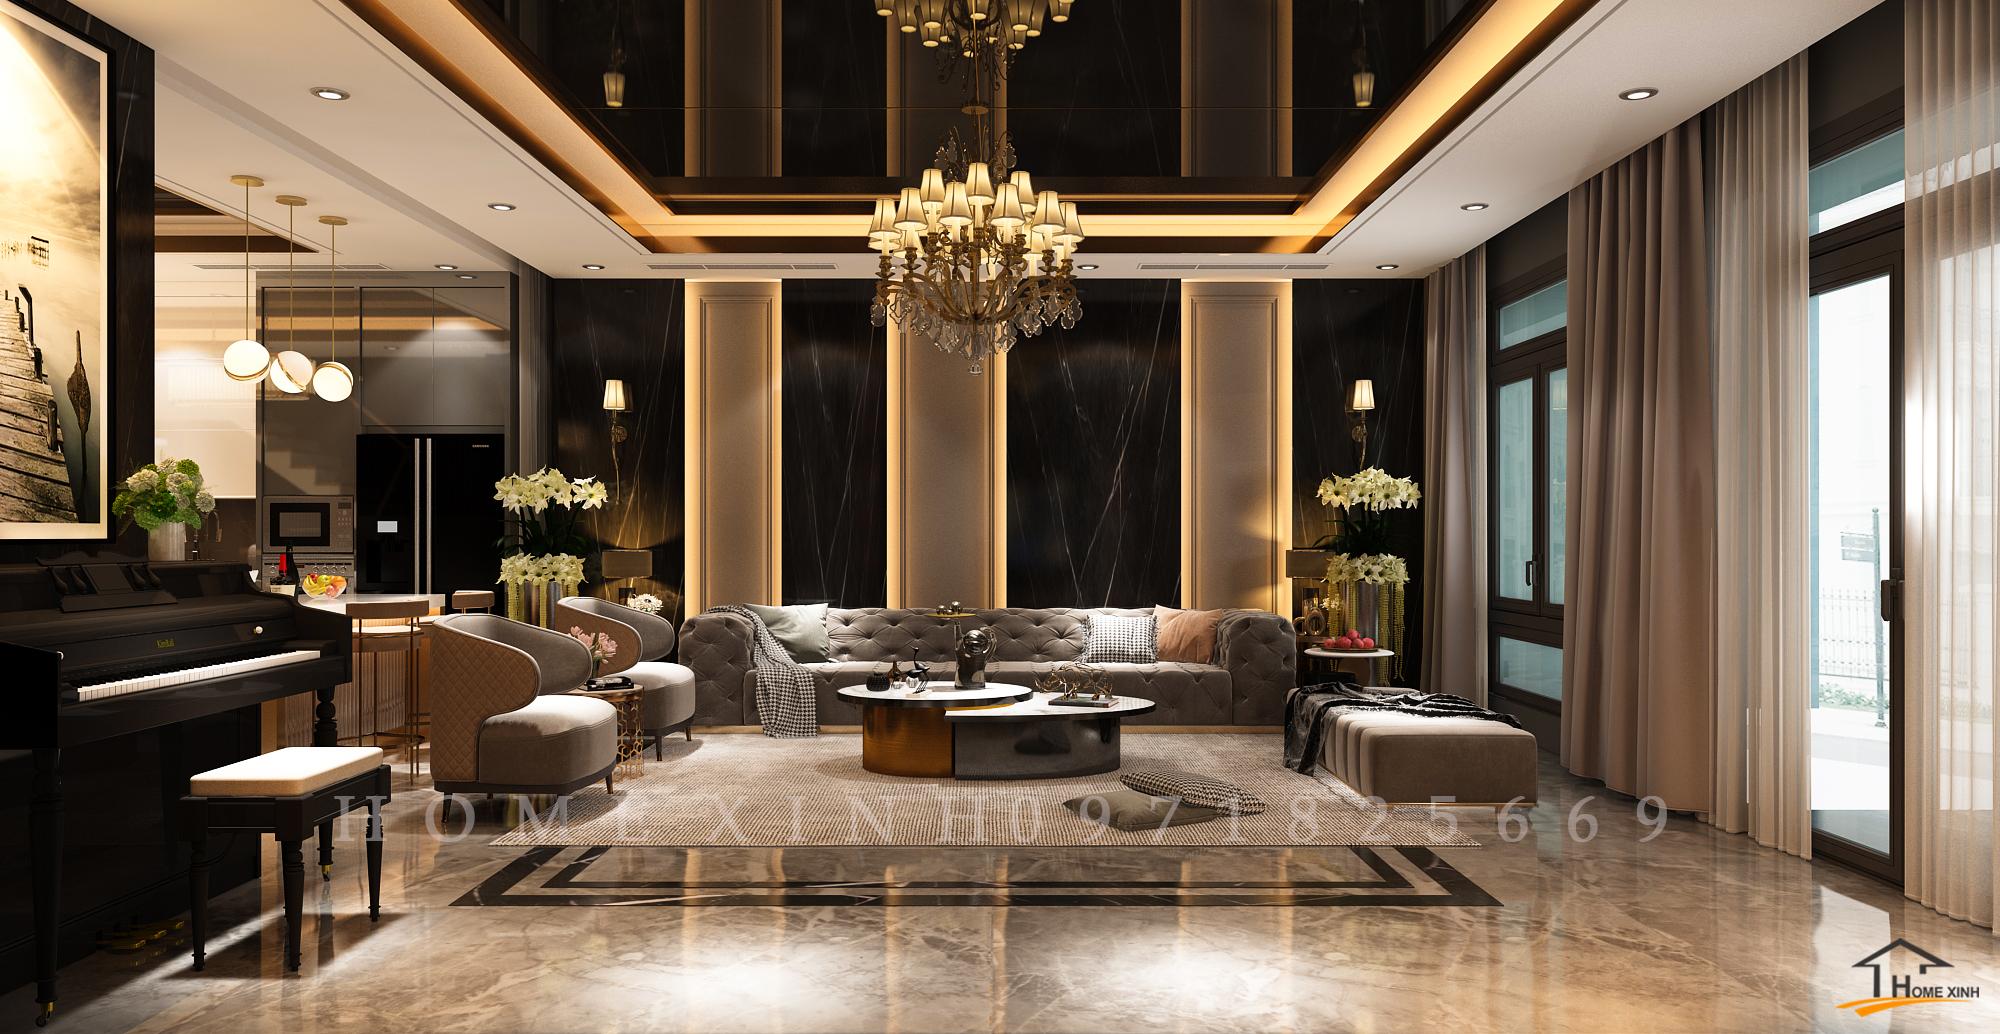 Thiết kế nội thất biệt thự phố 6 tầng – Khu đô thị Vạn Phúc, Thủ Đức